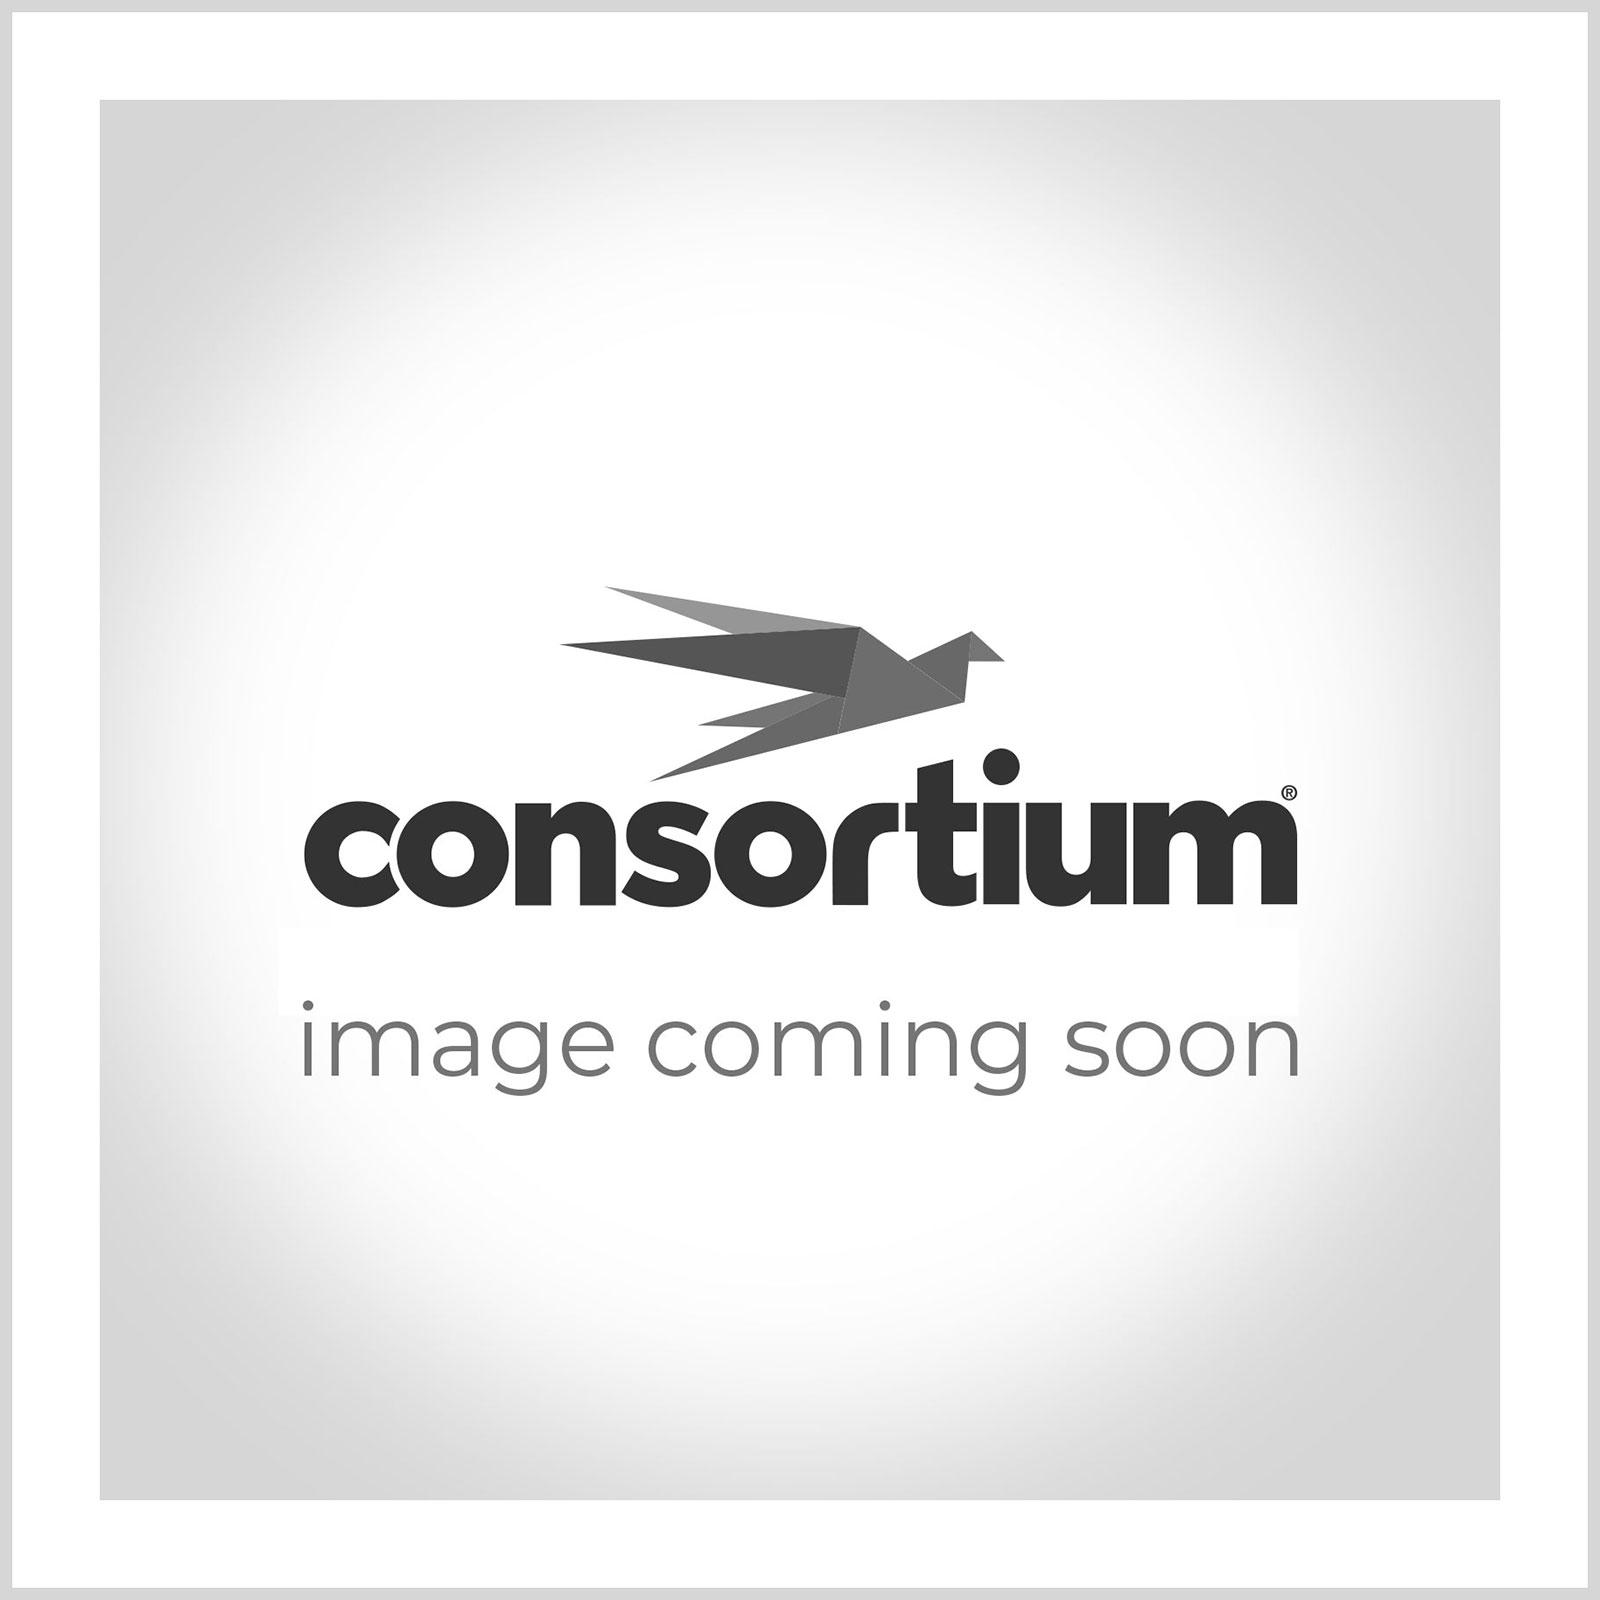 Consortium Colouring Pencils - Bulk Pack